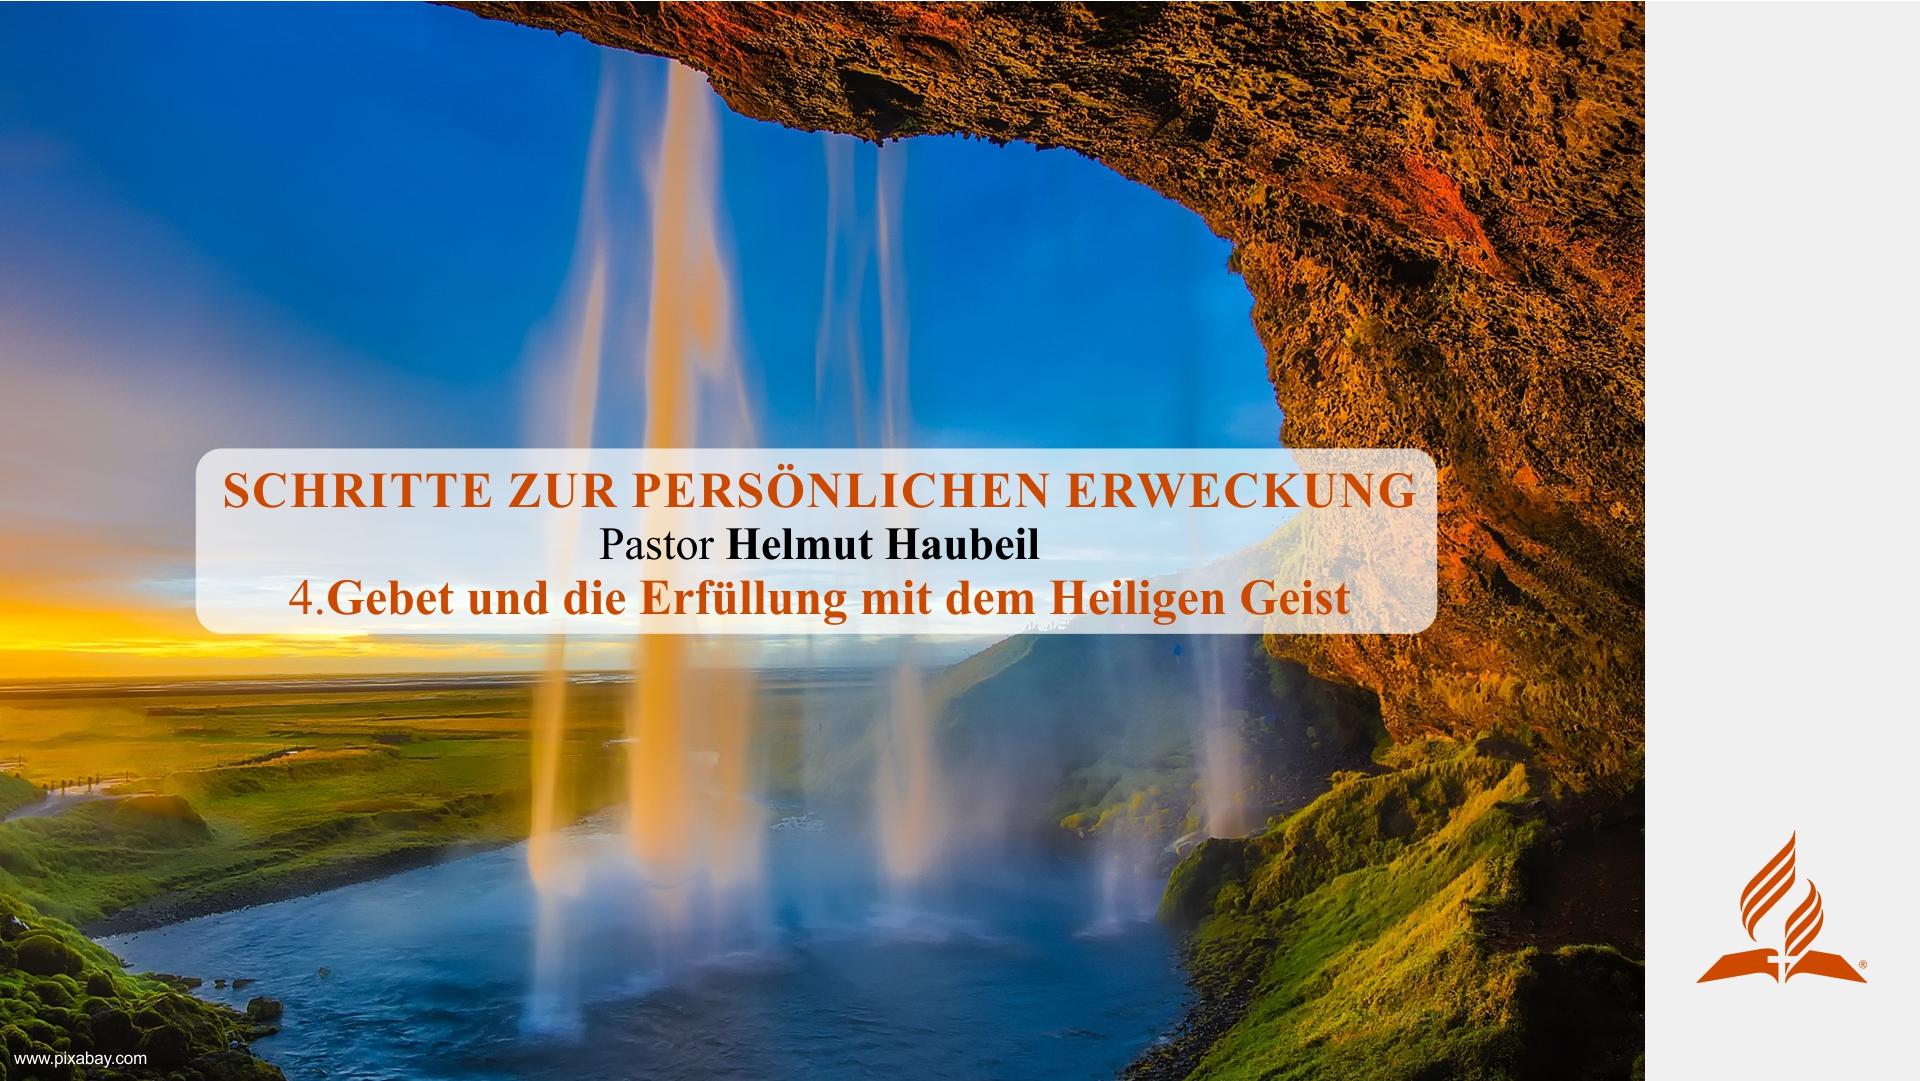 4.Gebet und die Erfüllung mit dem Heiligen Geist – SCHRITTE ZUR PERSÖNLICHEN ERWECKUNG | Pastor Helmut Haubeil